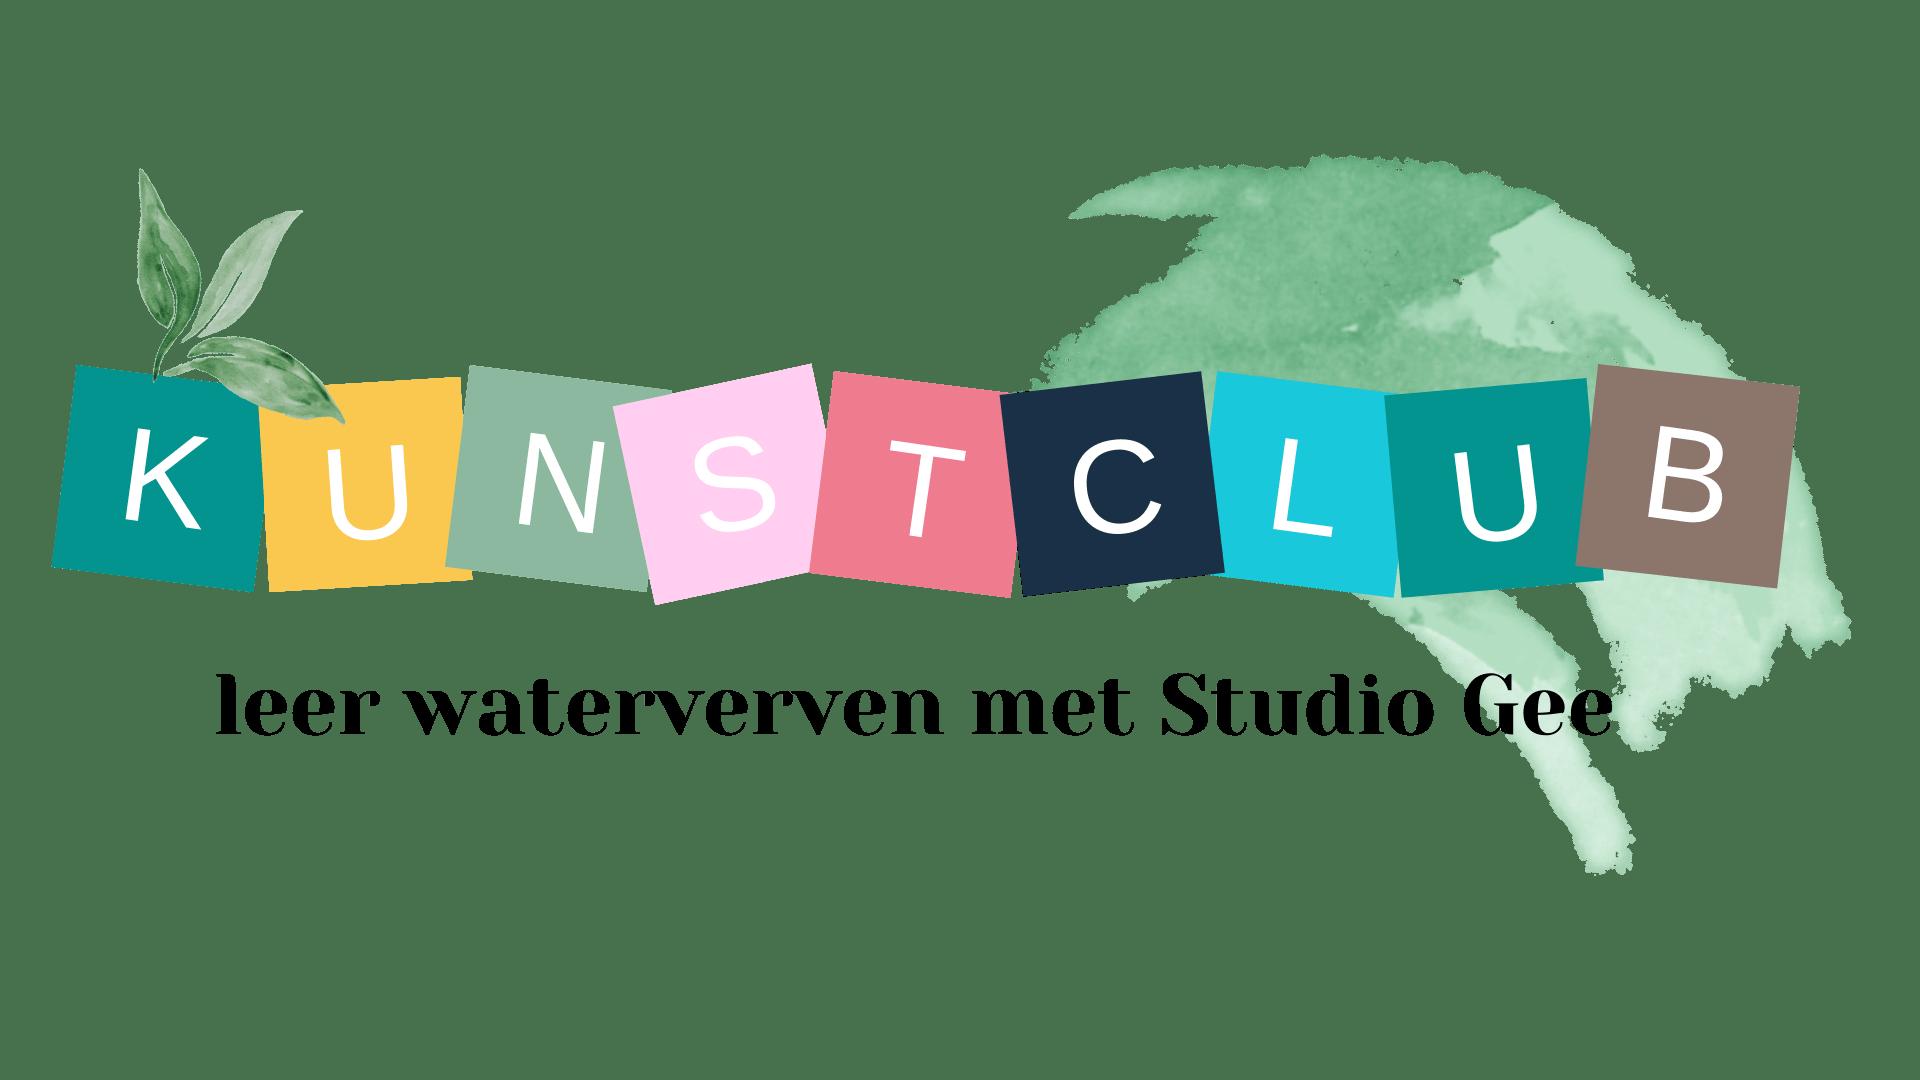 Kunstclub studiogee